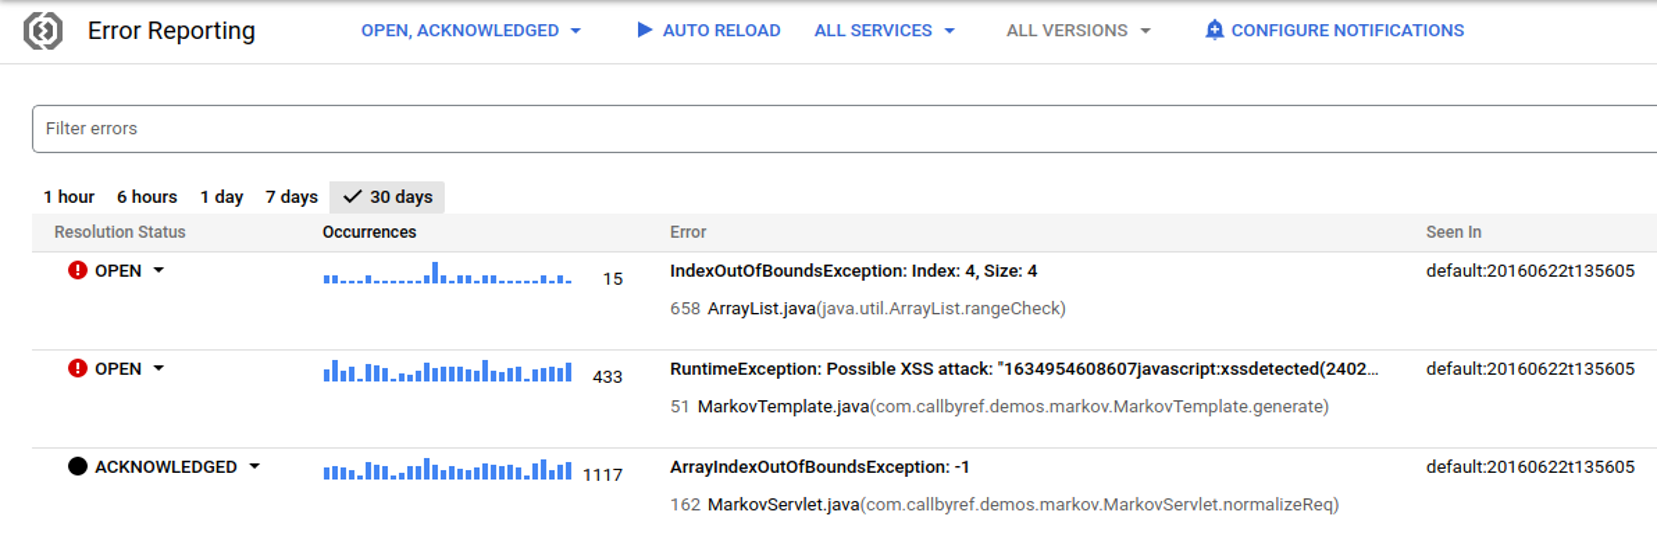 오류 예시의 발생 횟수를 일괄적으로 보여주는 사용자 인터페이스